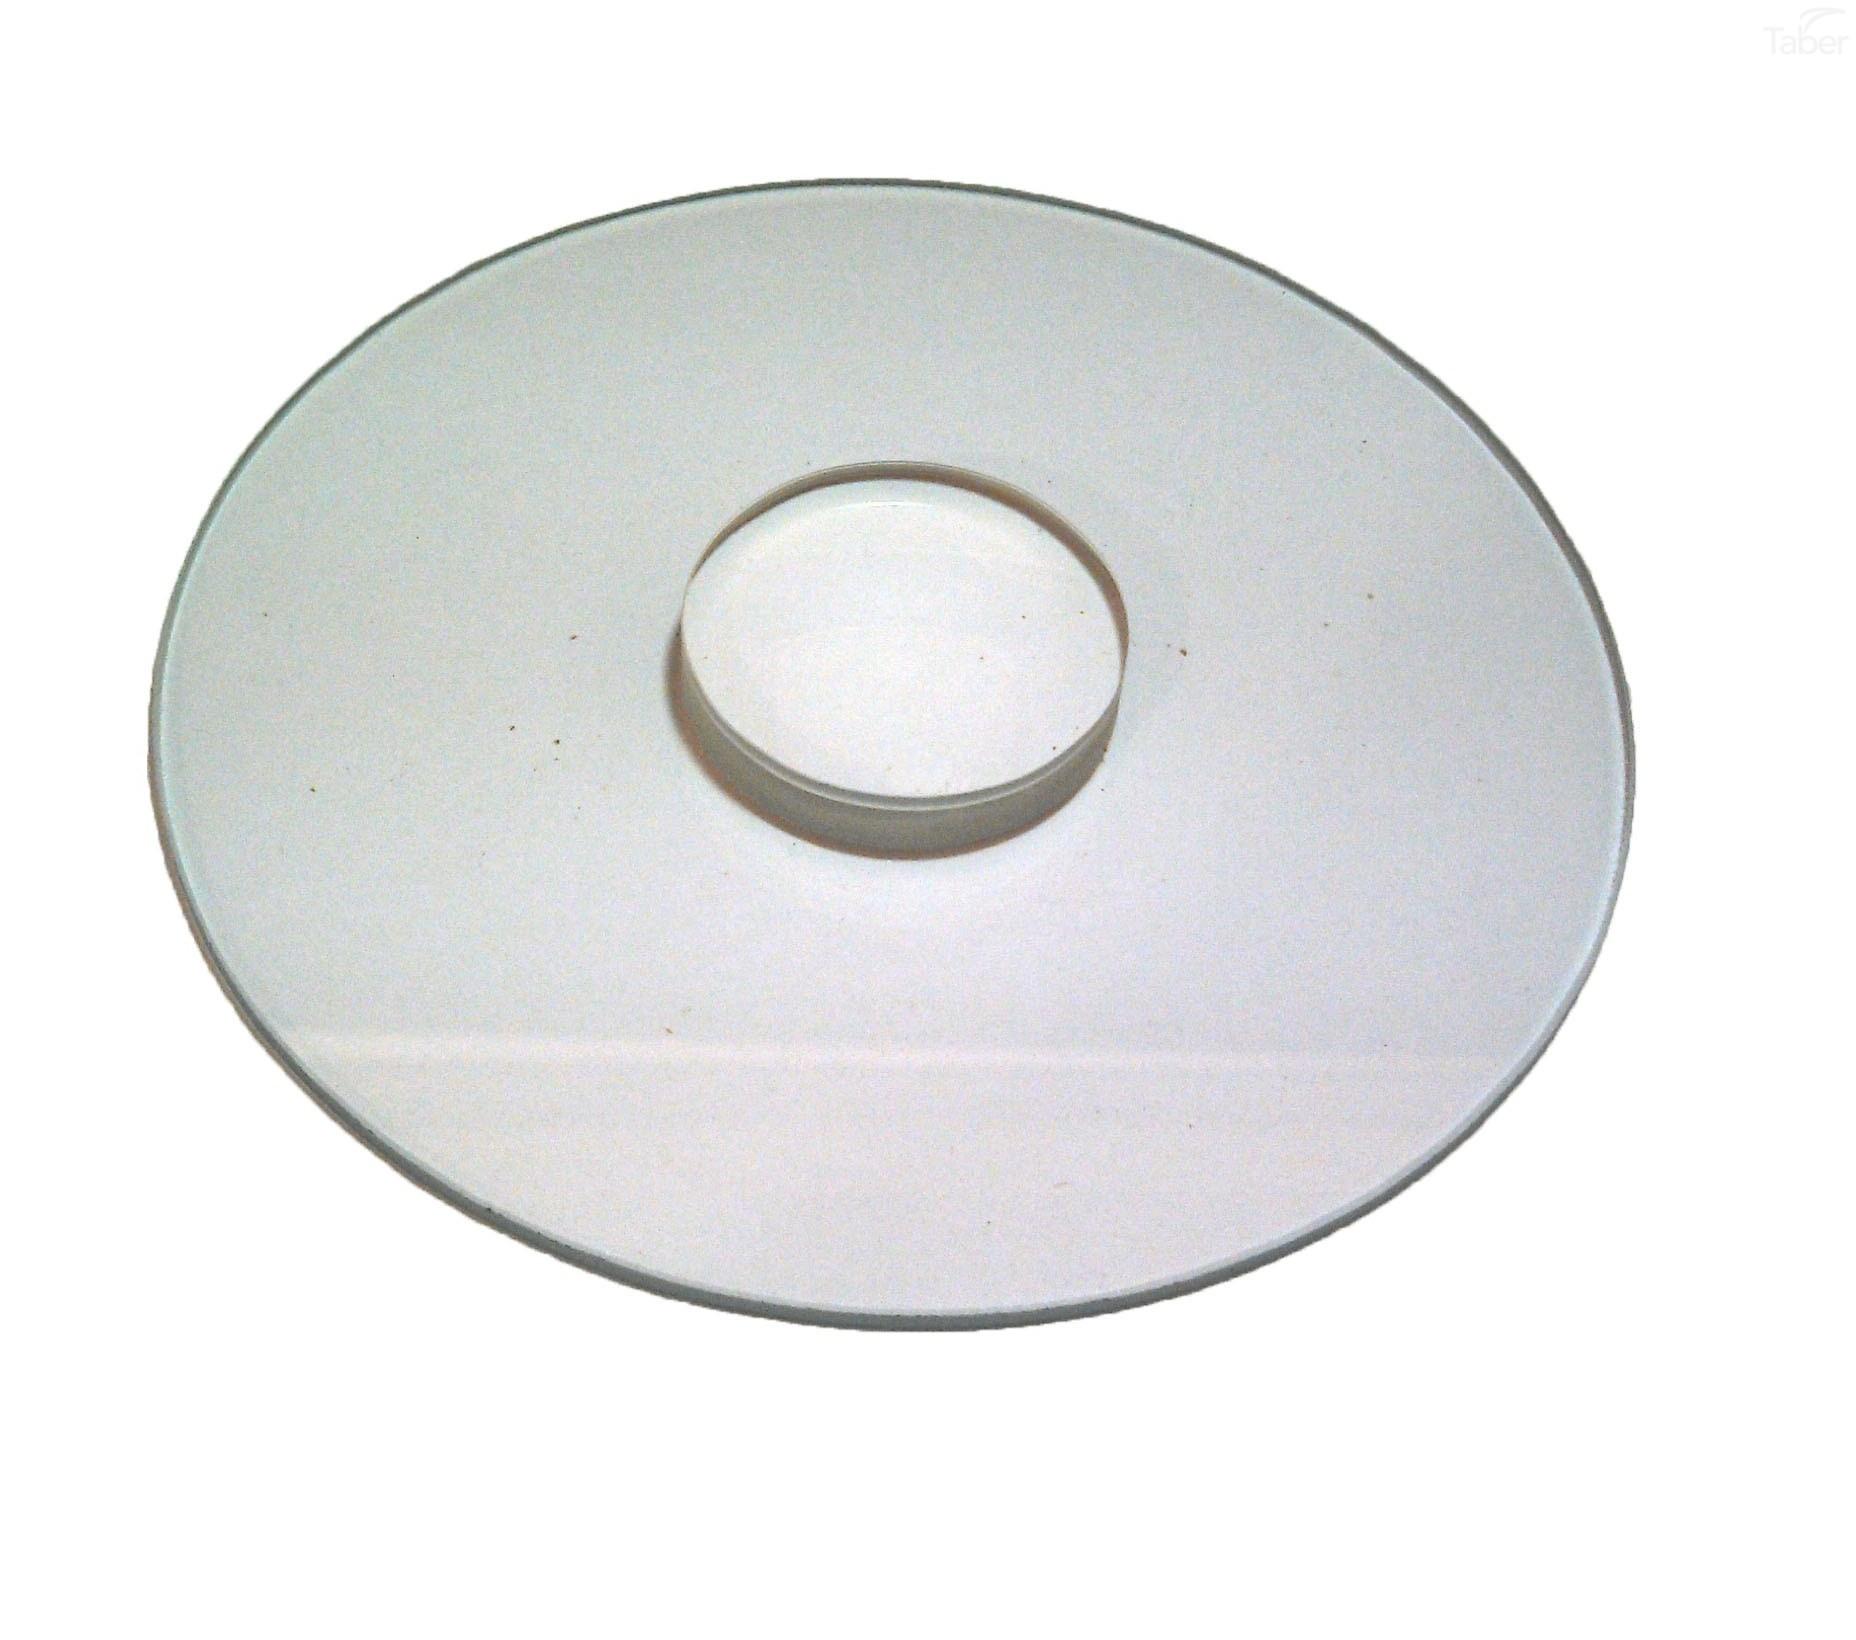 Luxo 30475 Lens, 10 Diopter